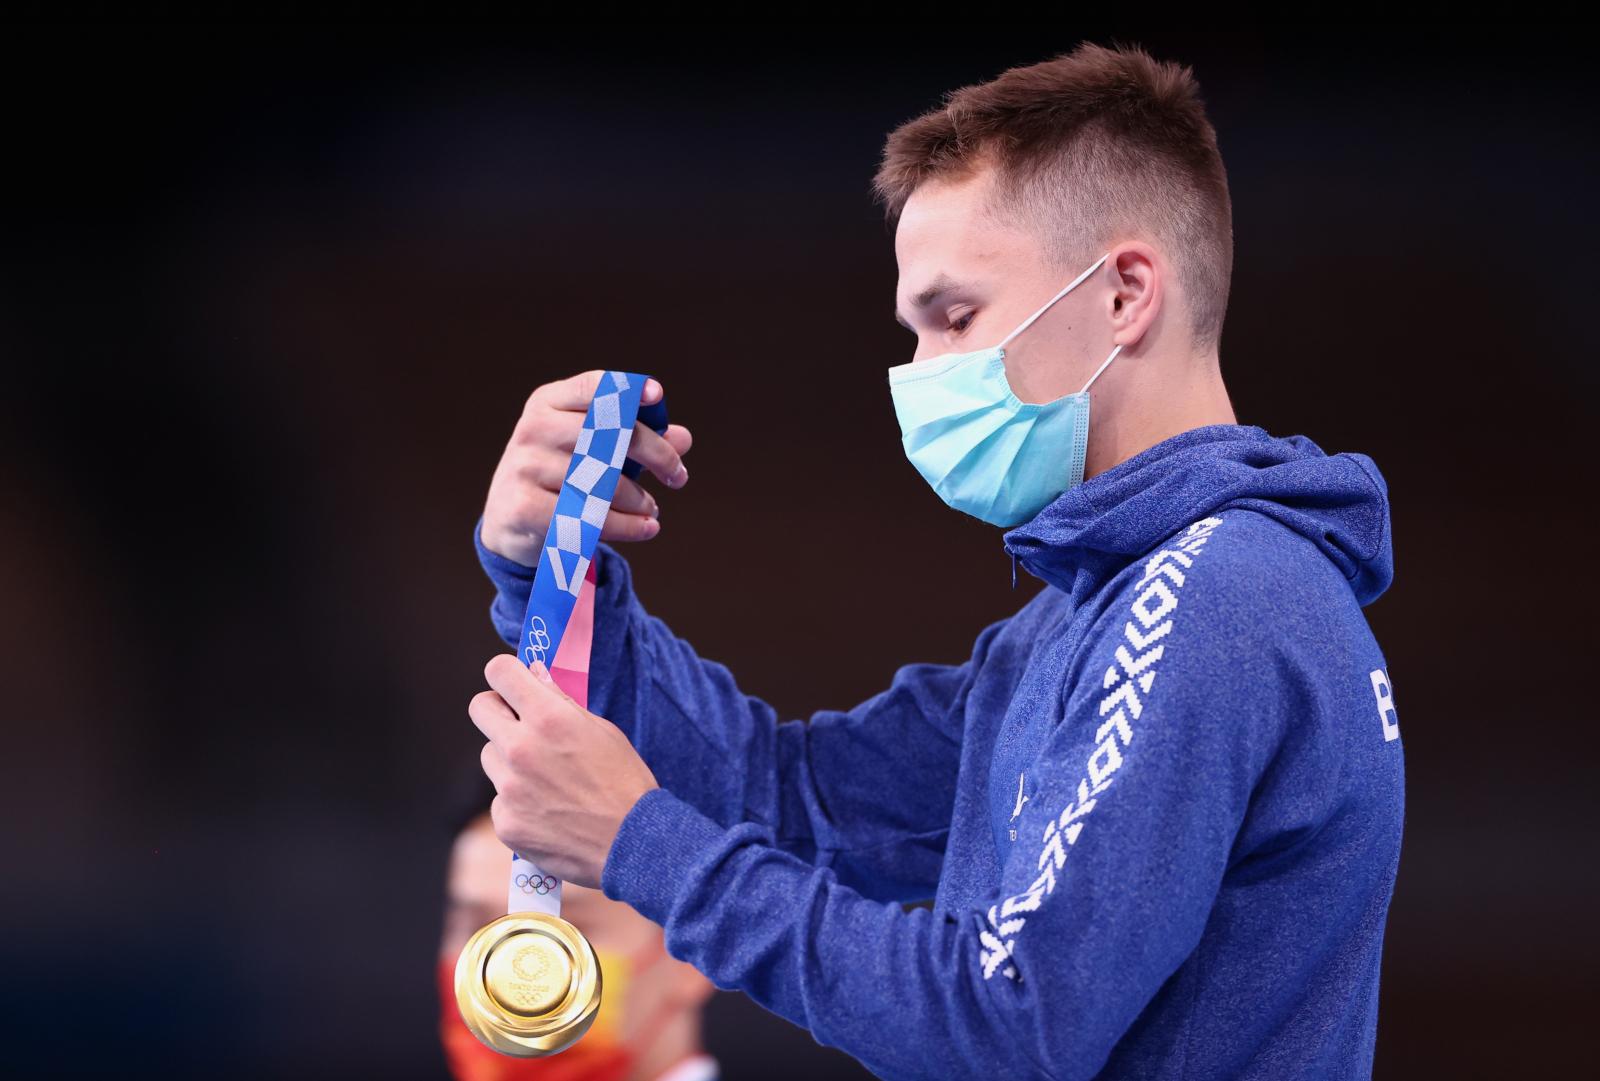 У Беларуси первая золотая медаль на Олимпиаде в Токио